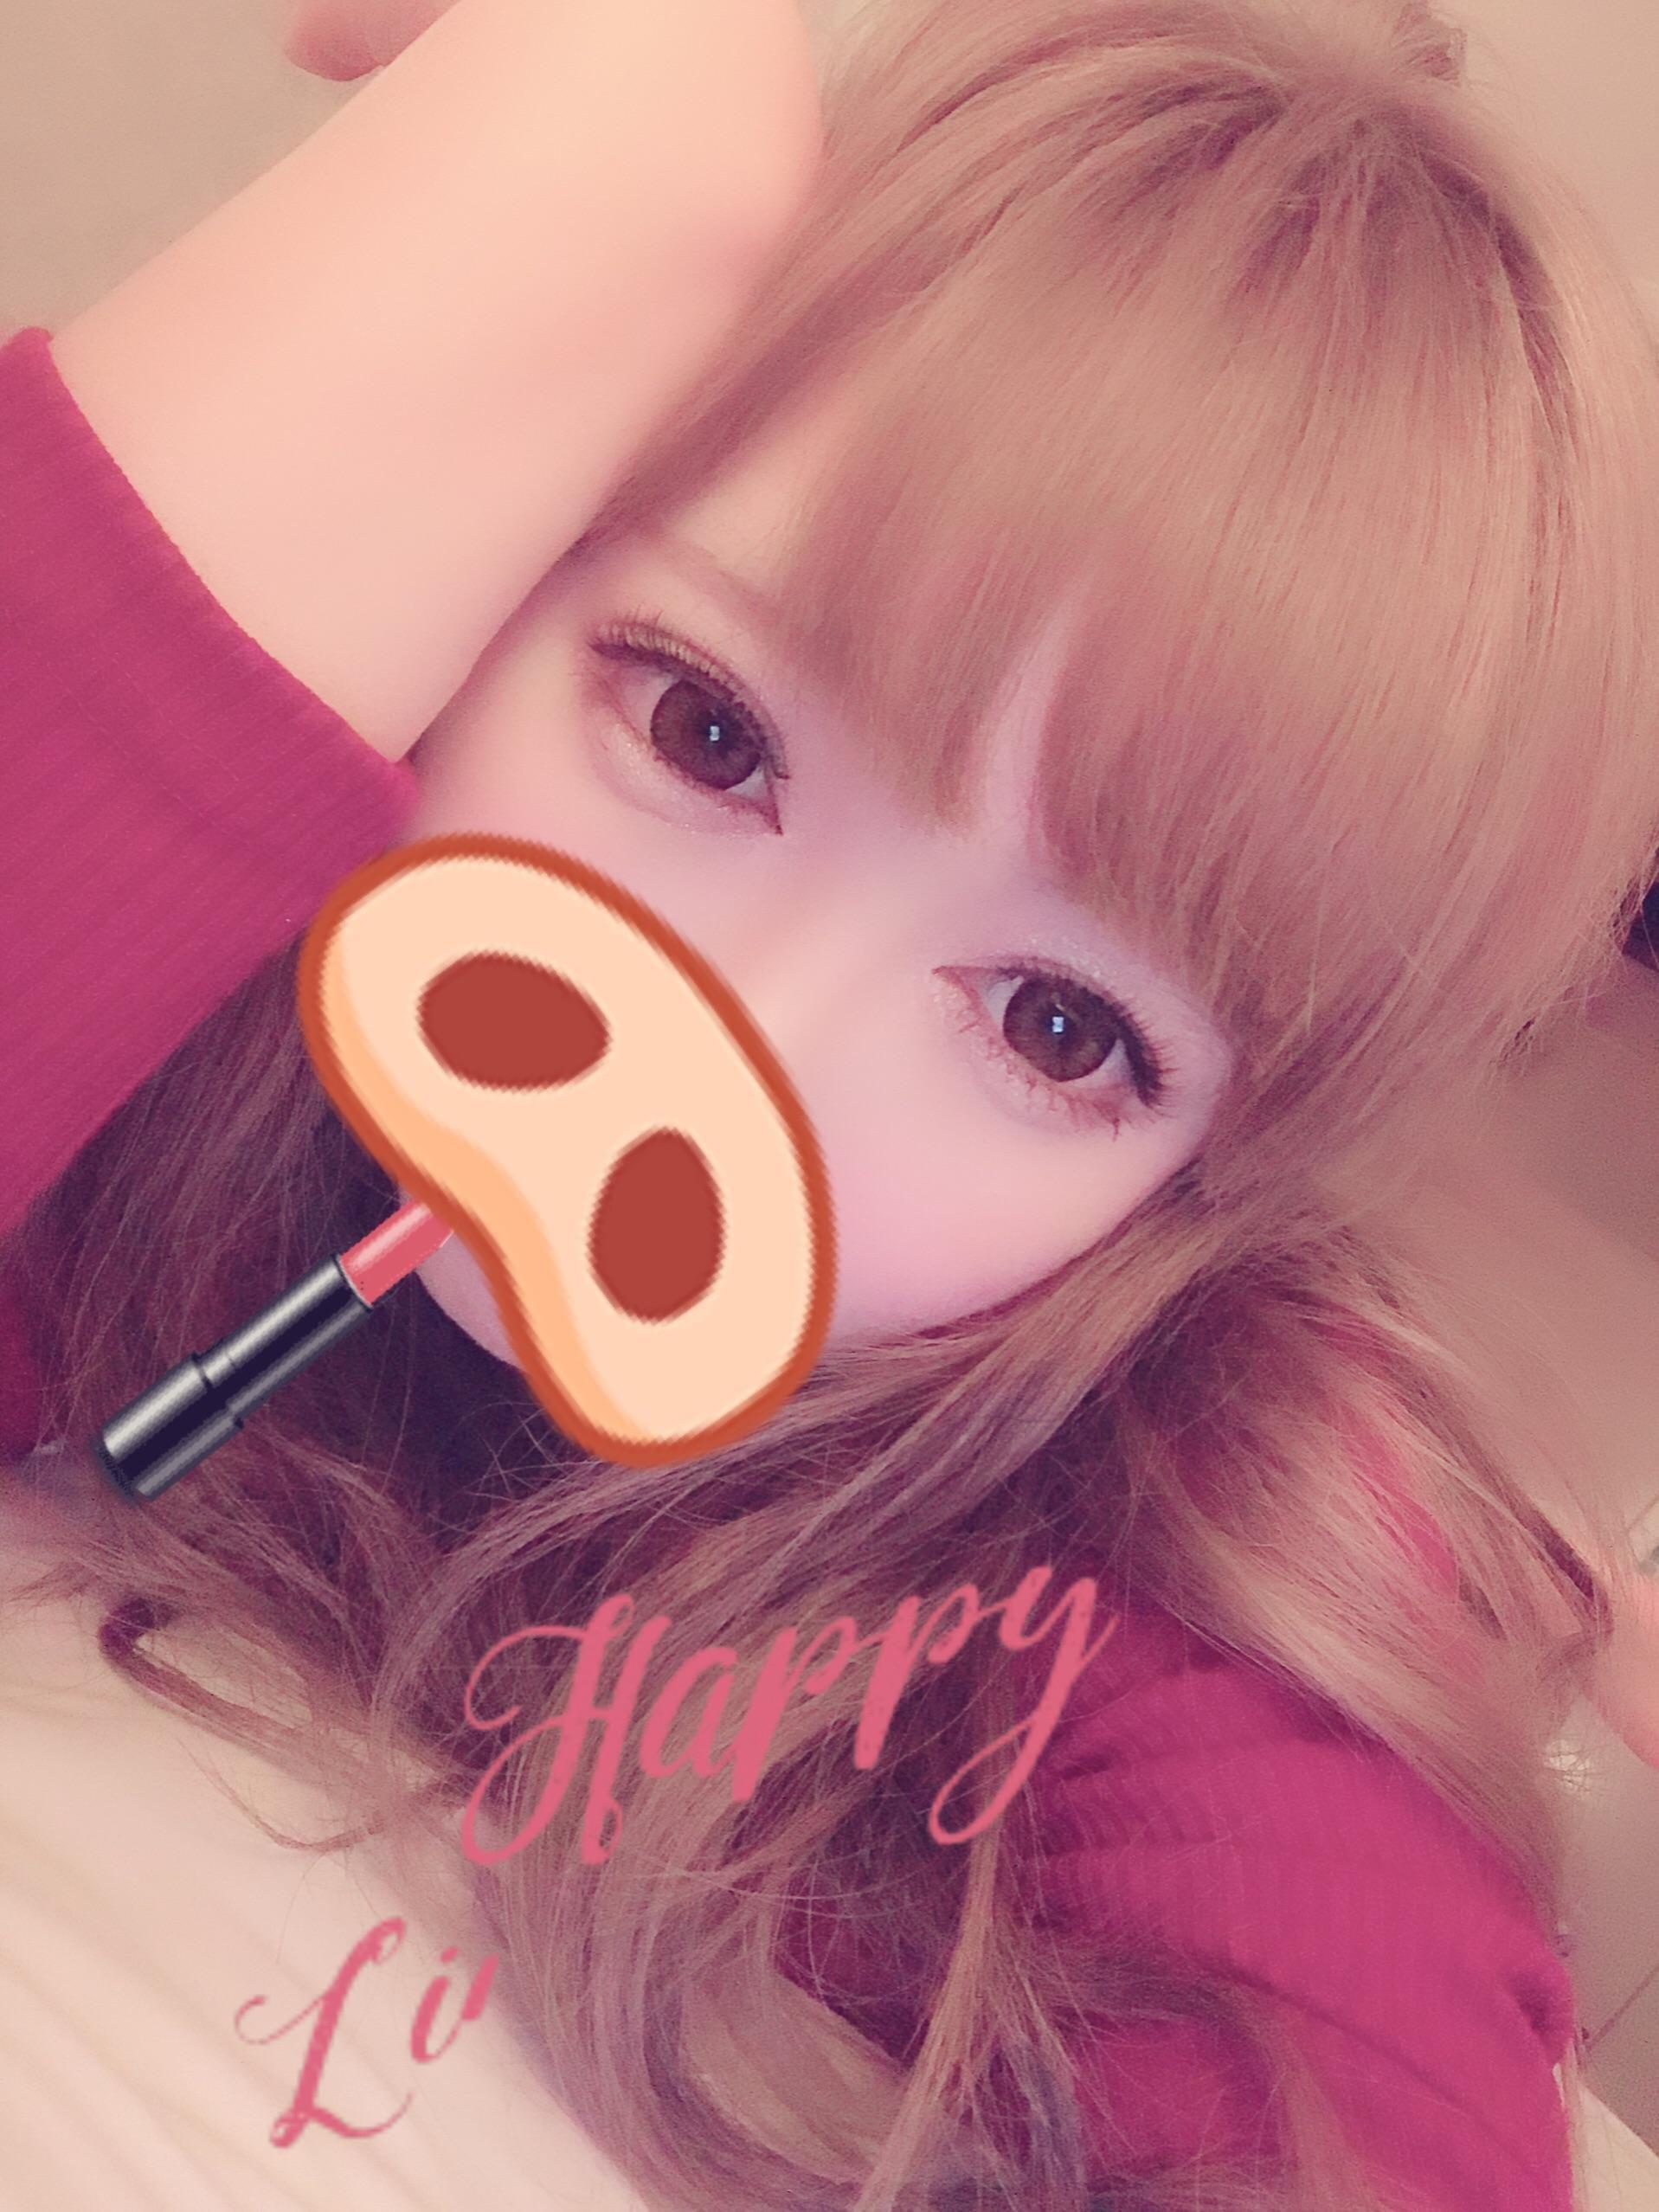 「おはようございます♡」10/30(火) 22:56   モエ★★の写メ・風俗動画